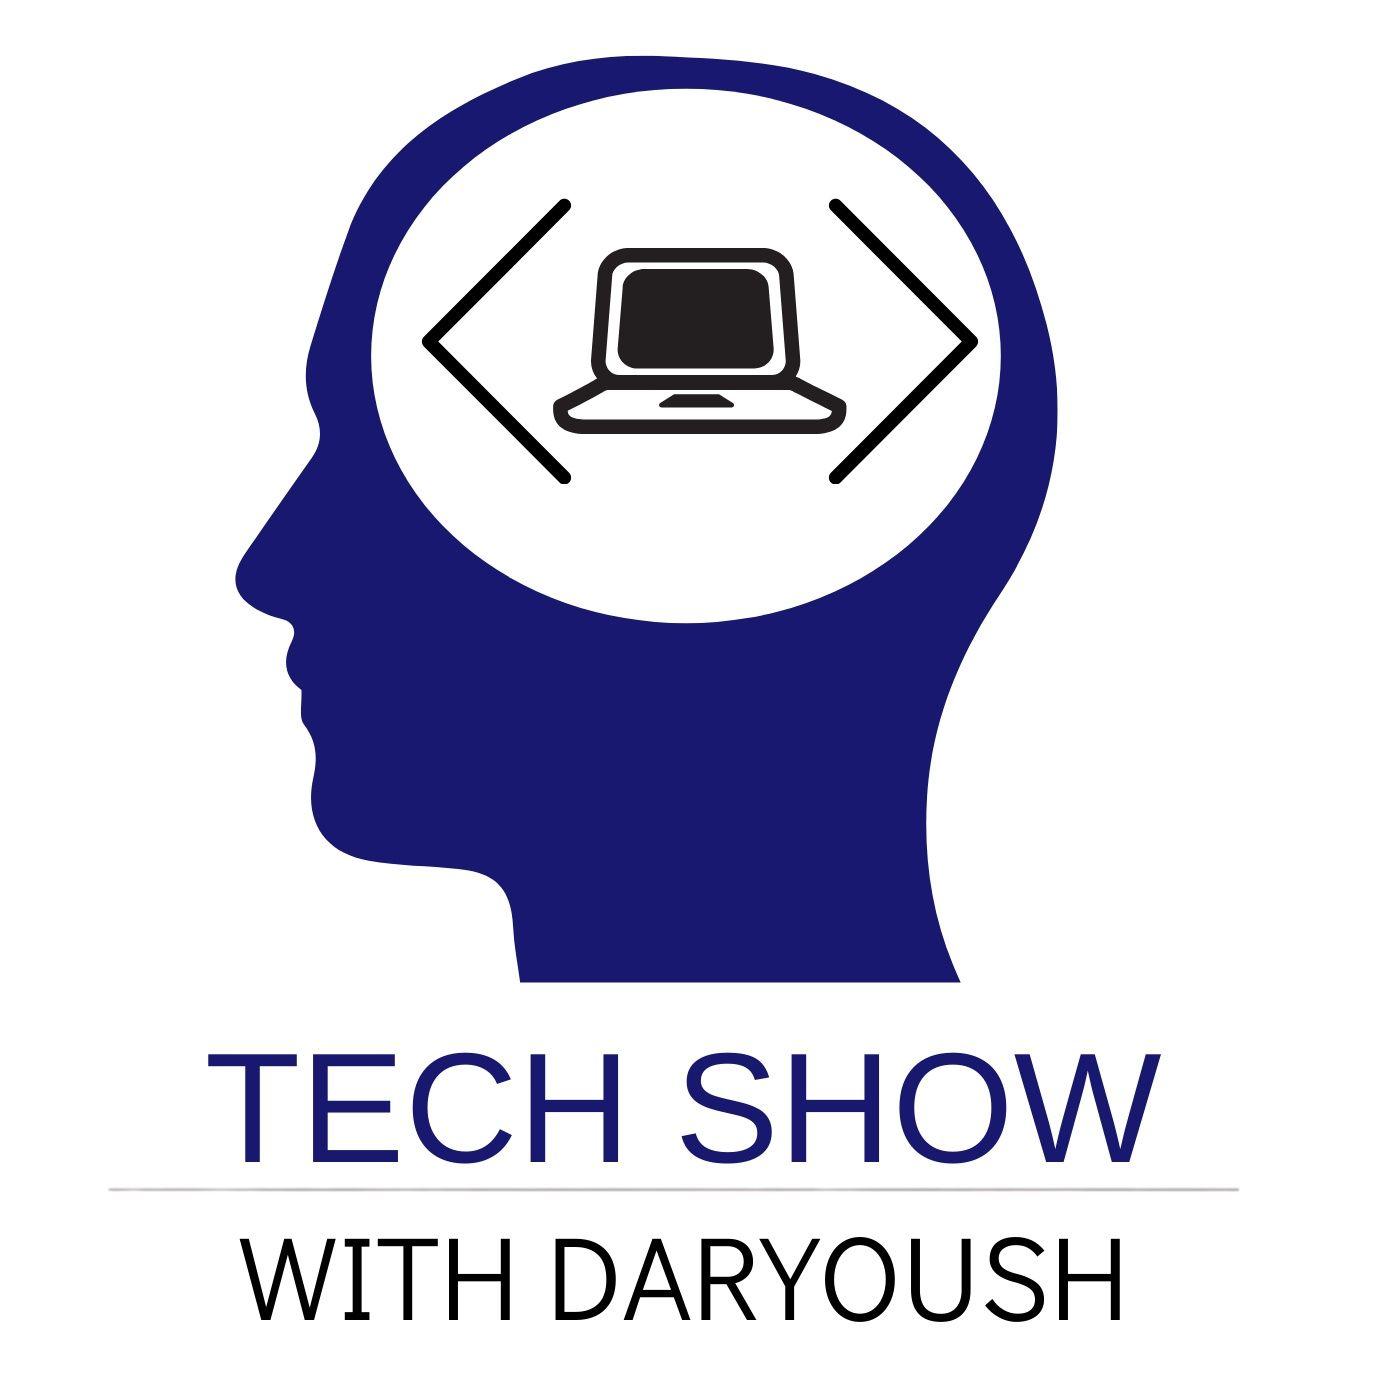 Transform U Tech Show with Daryoush